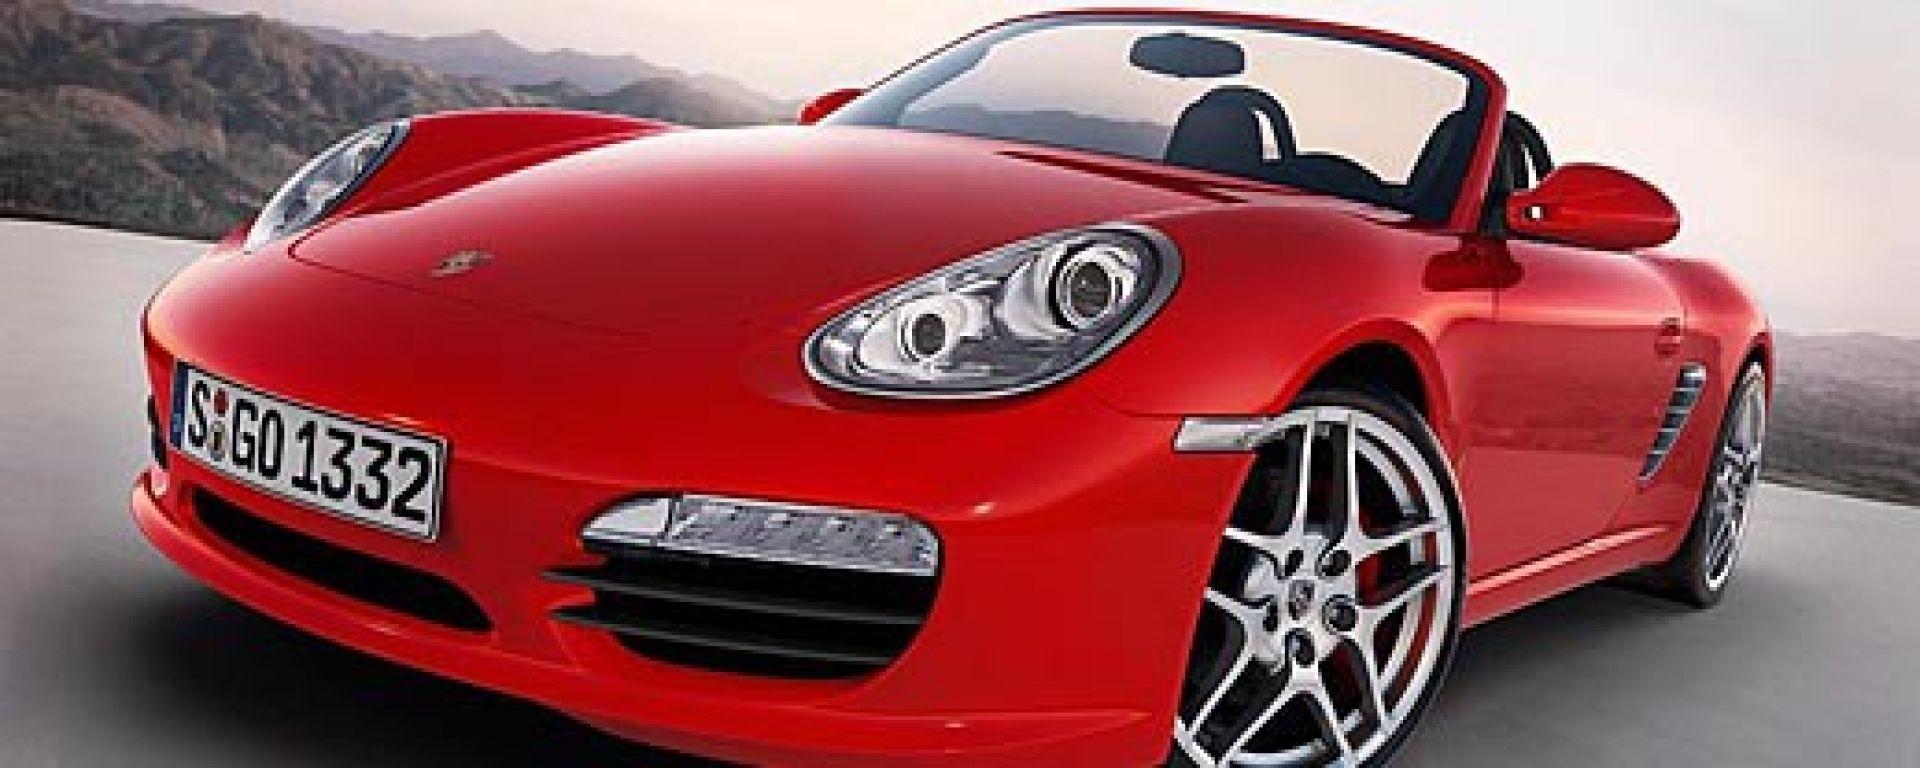 Porsche Boxster e Cayman 2009